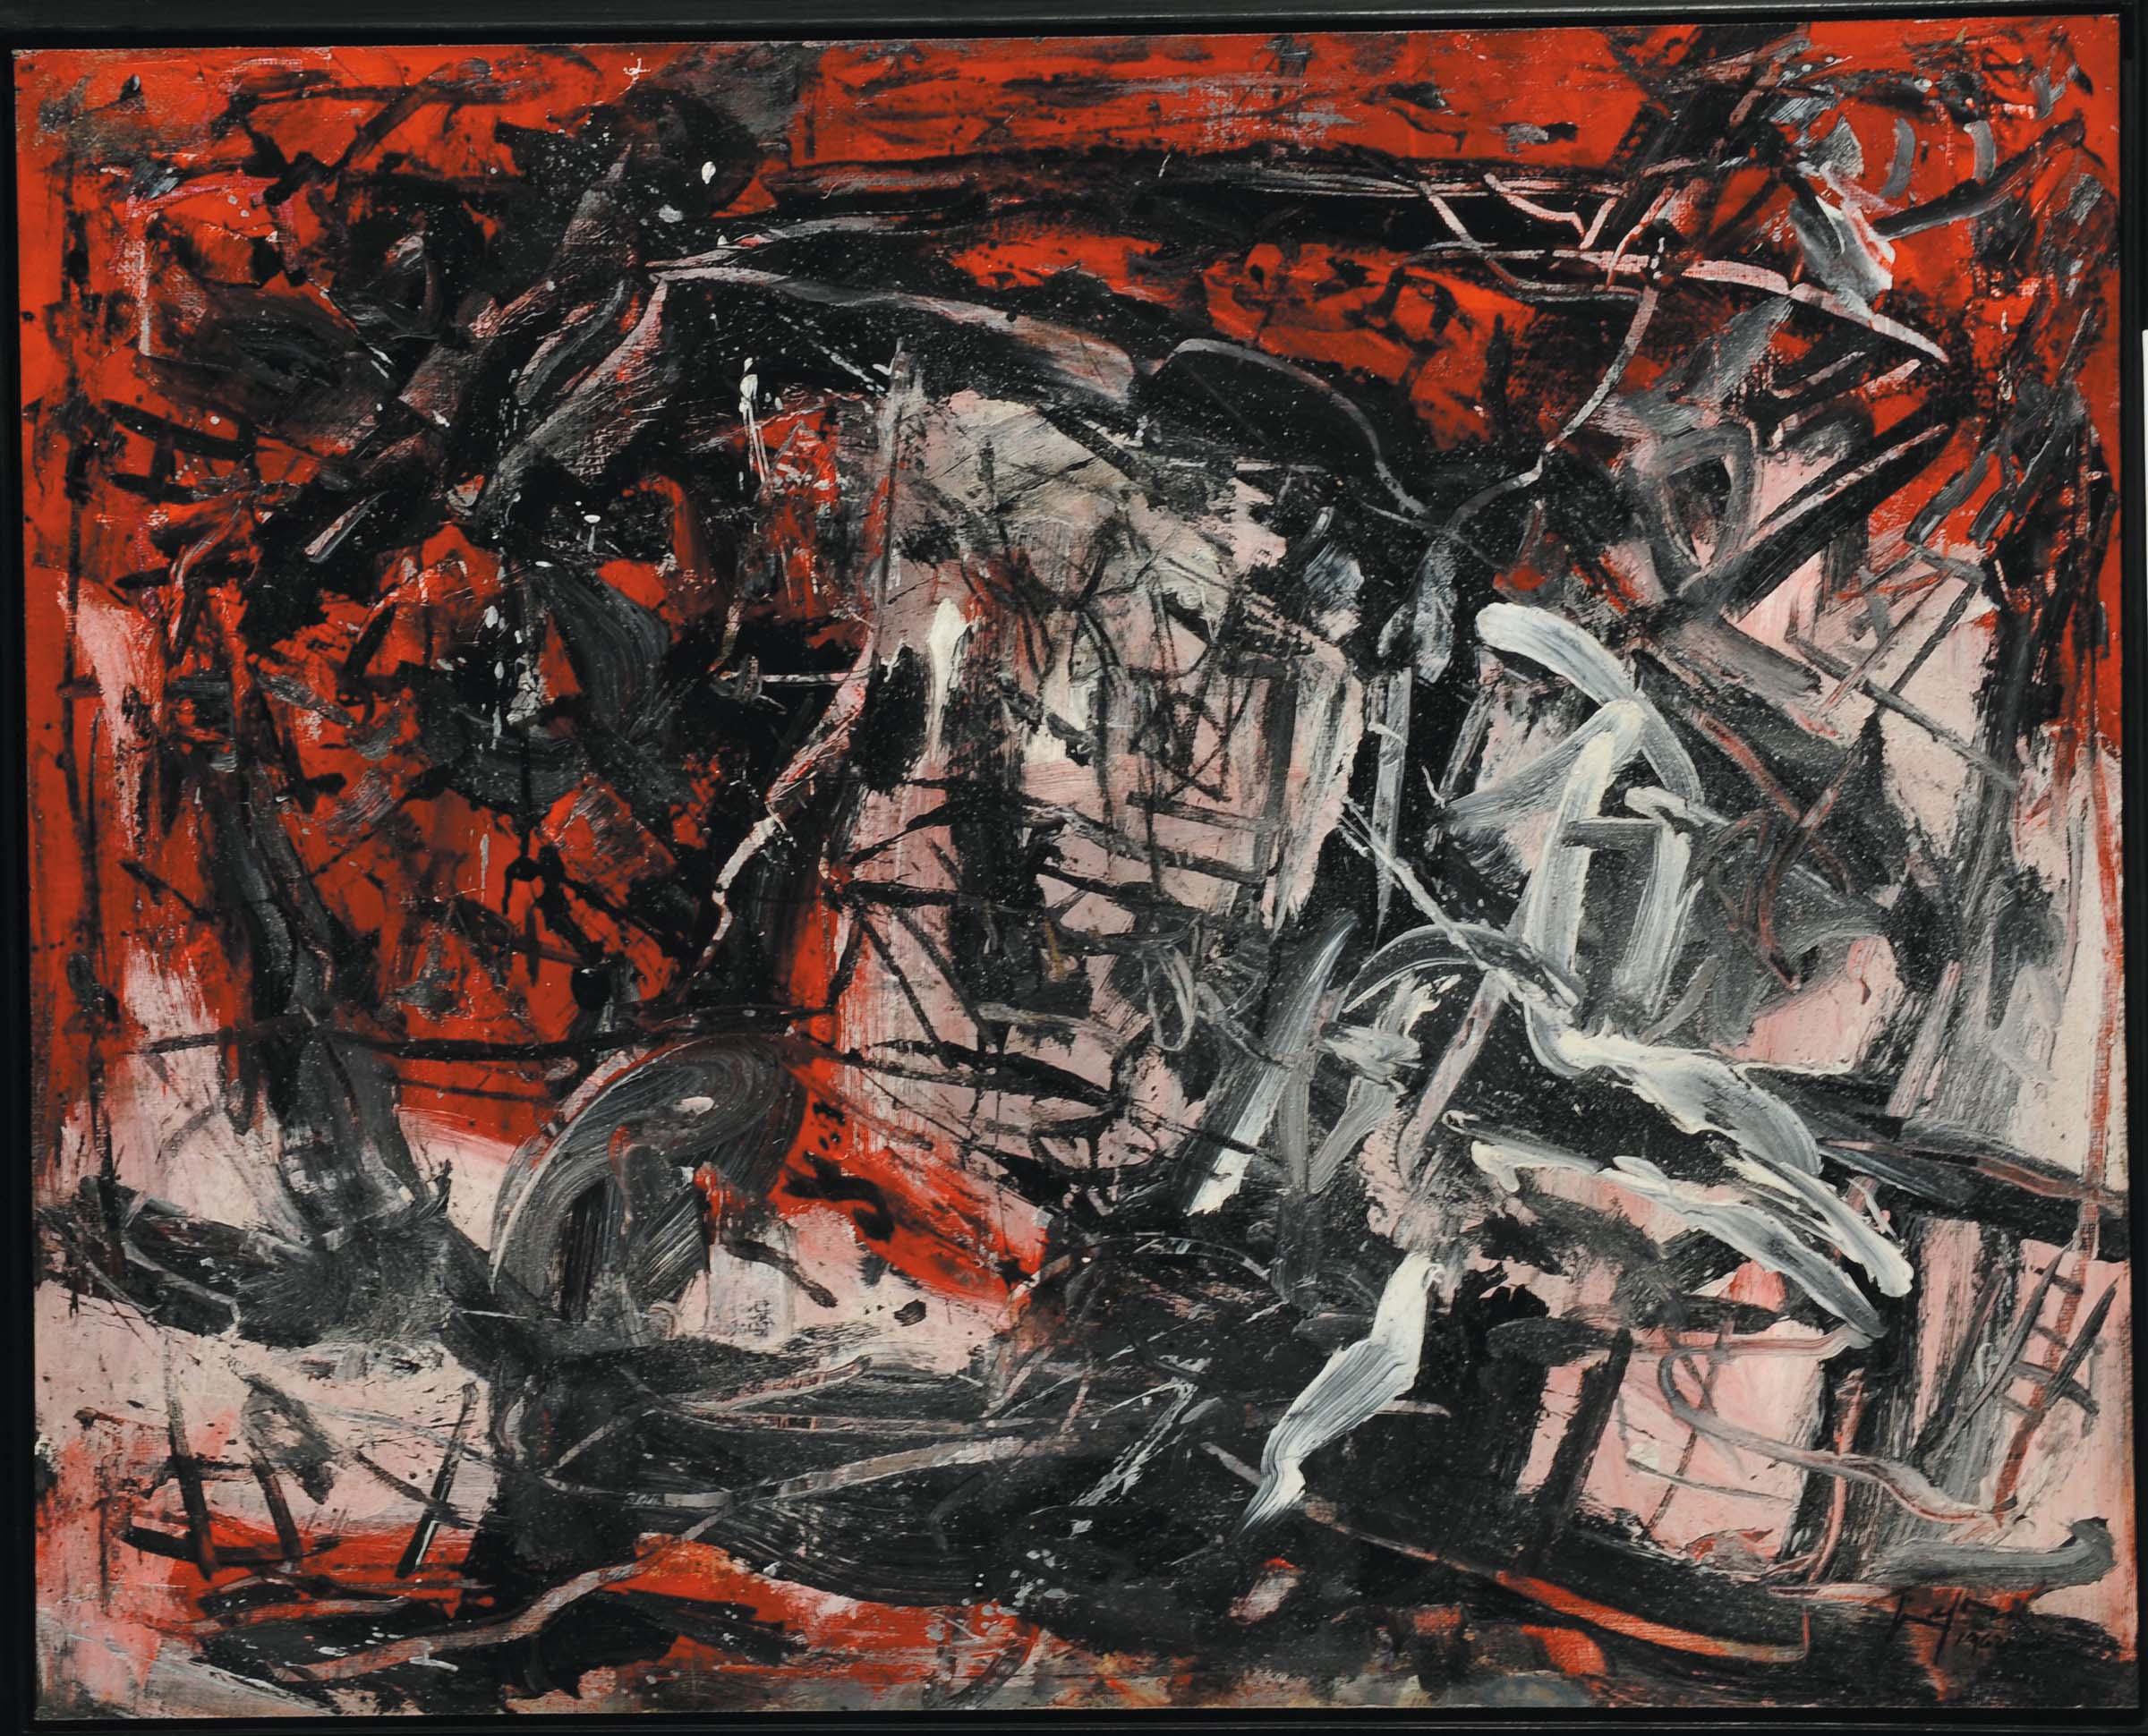 Senza titolo - Emilio Vedova, 1962